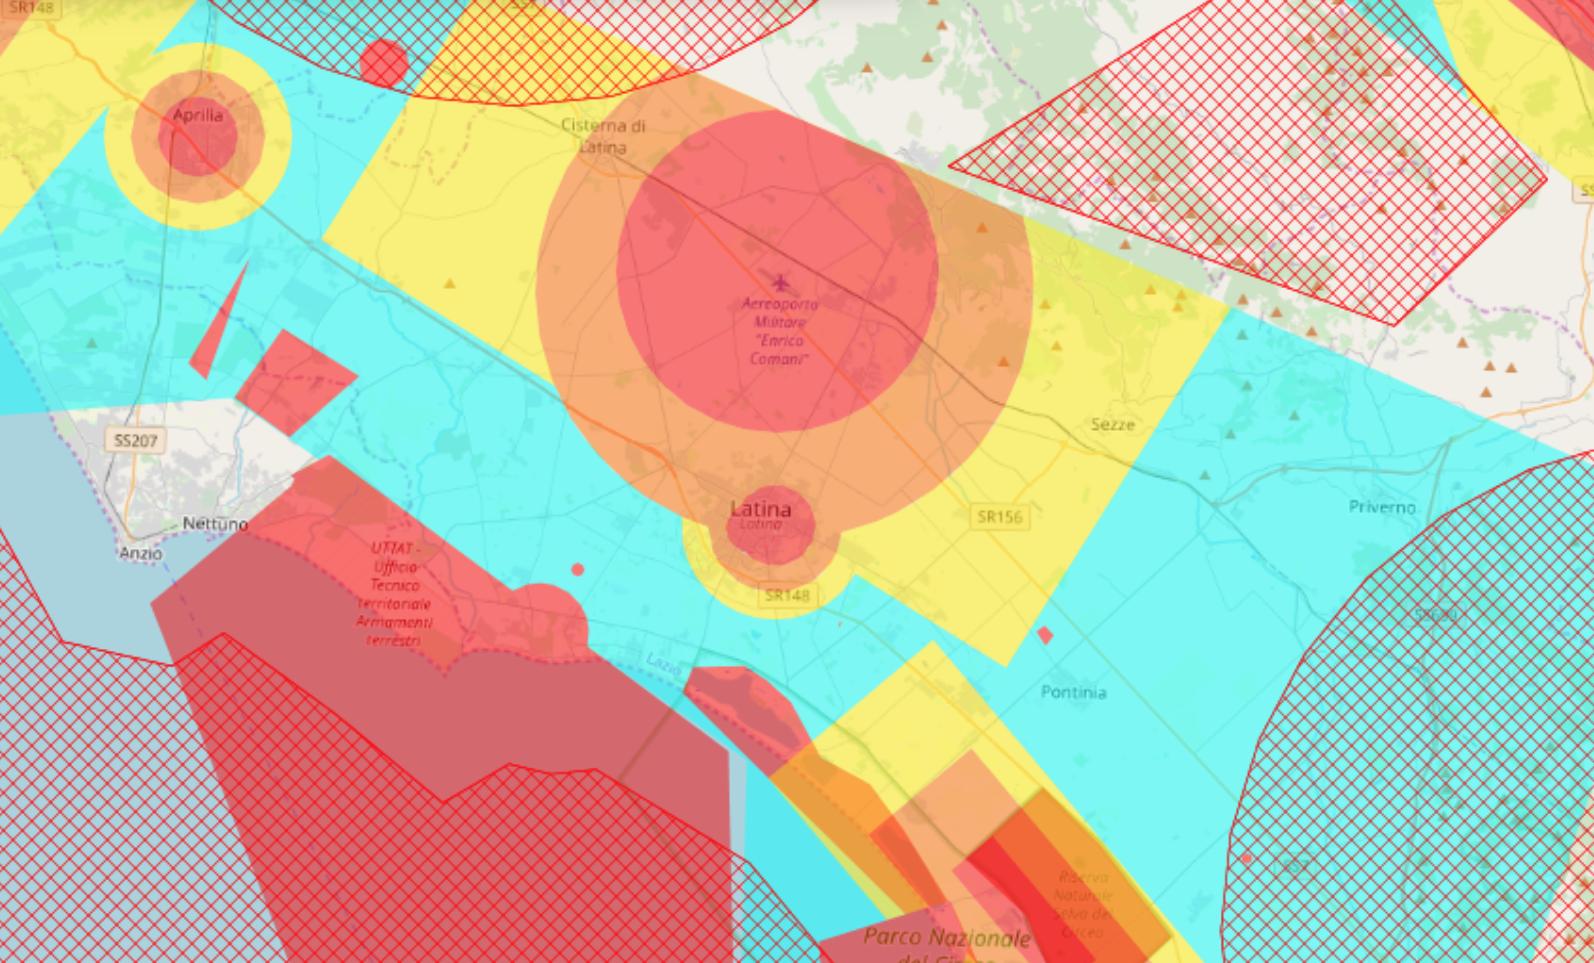 mappa con no fly zone droni comune di latina